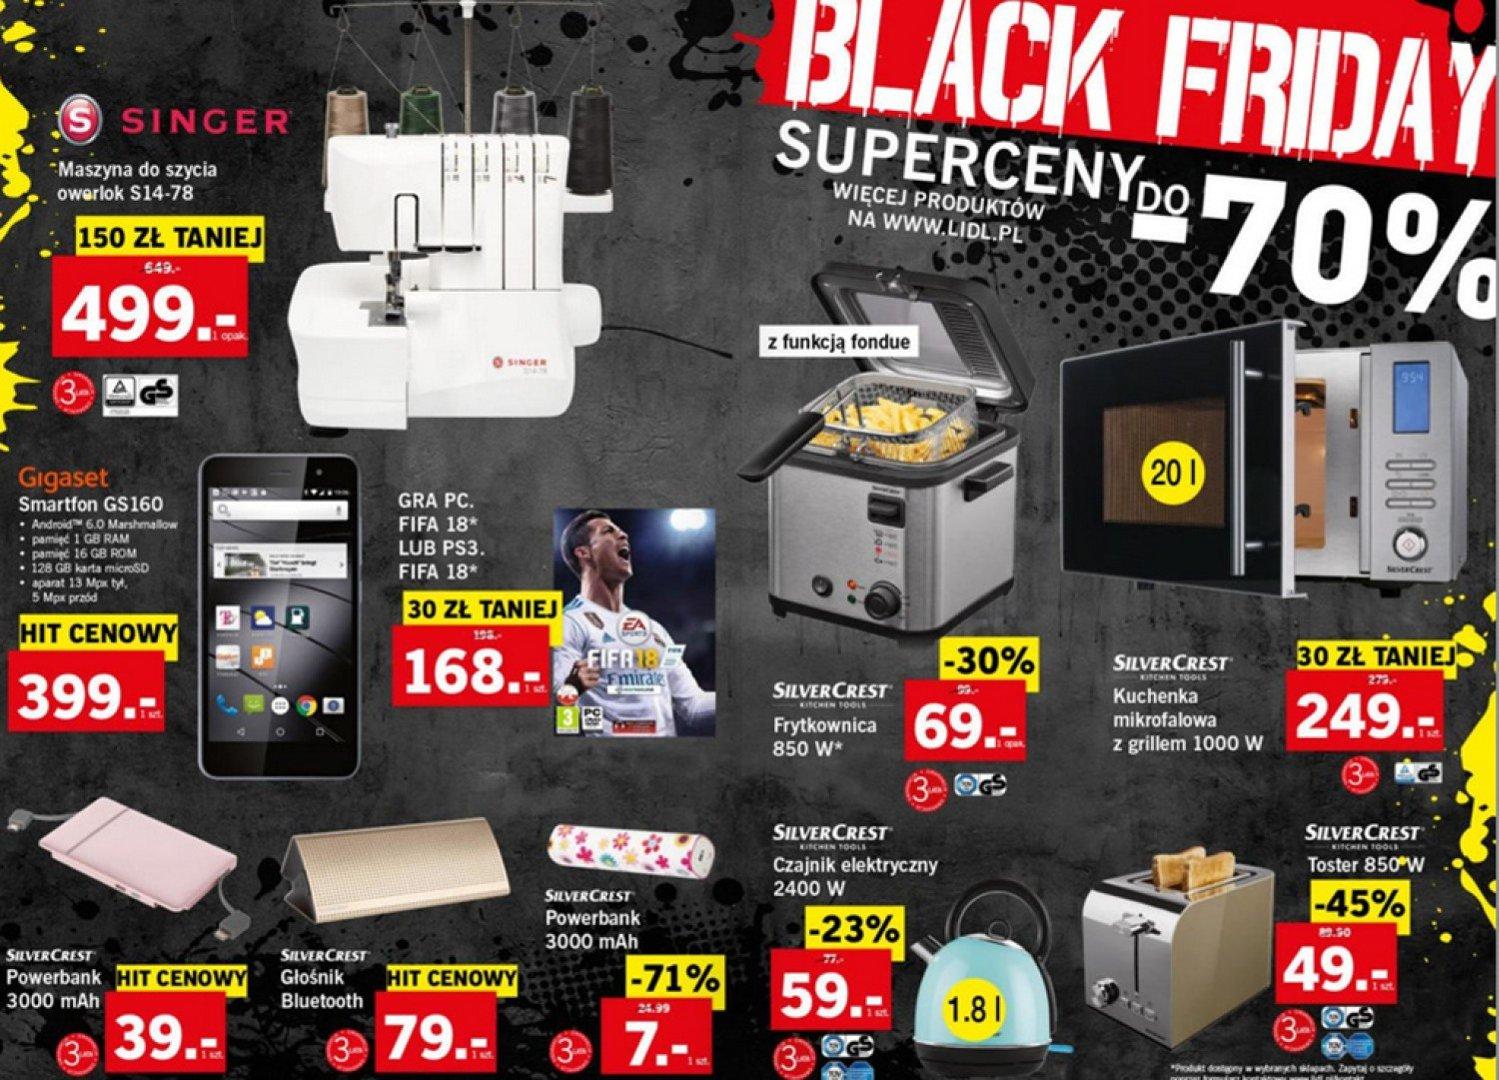 f0b3c82faa08d9 Black Friday 2017 w Lidlu: sprawdź wyjątkowe promocje [GAZETKA BLACK ...